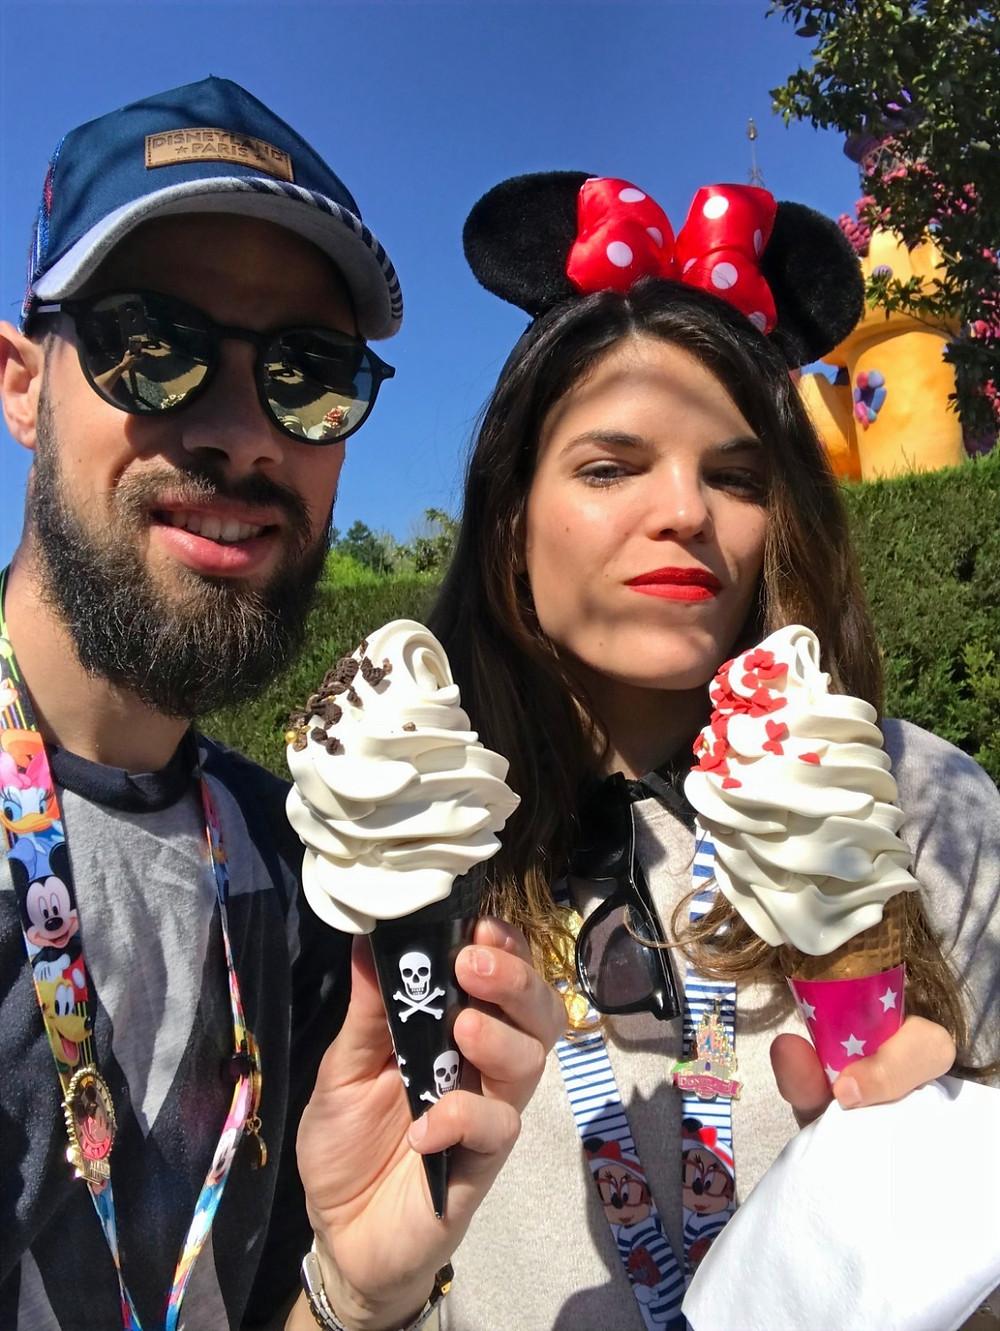 Fotos que debes hacerte en el Parque Disneyland